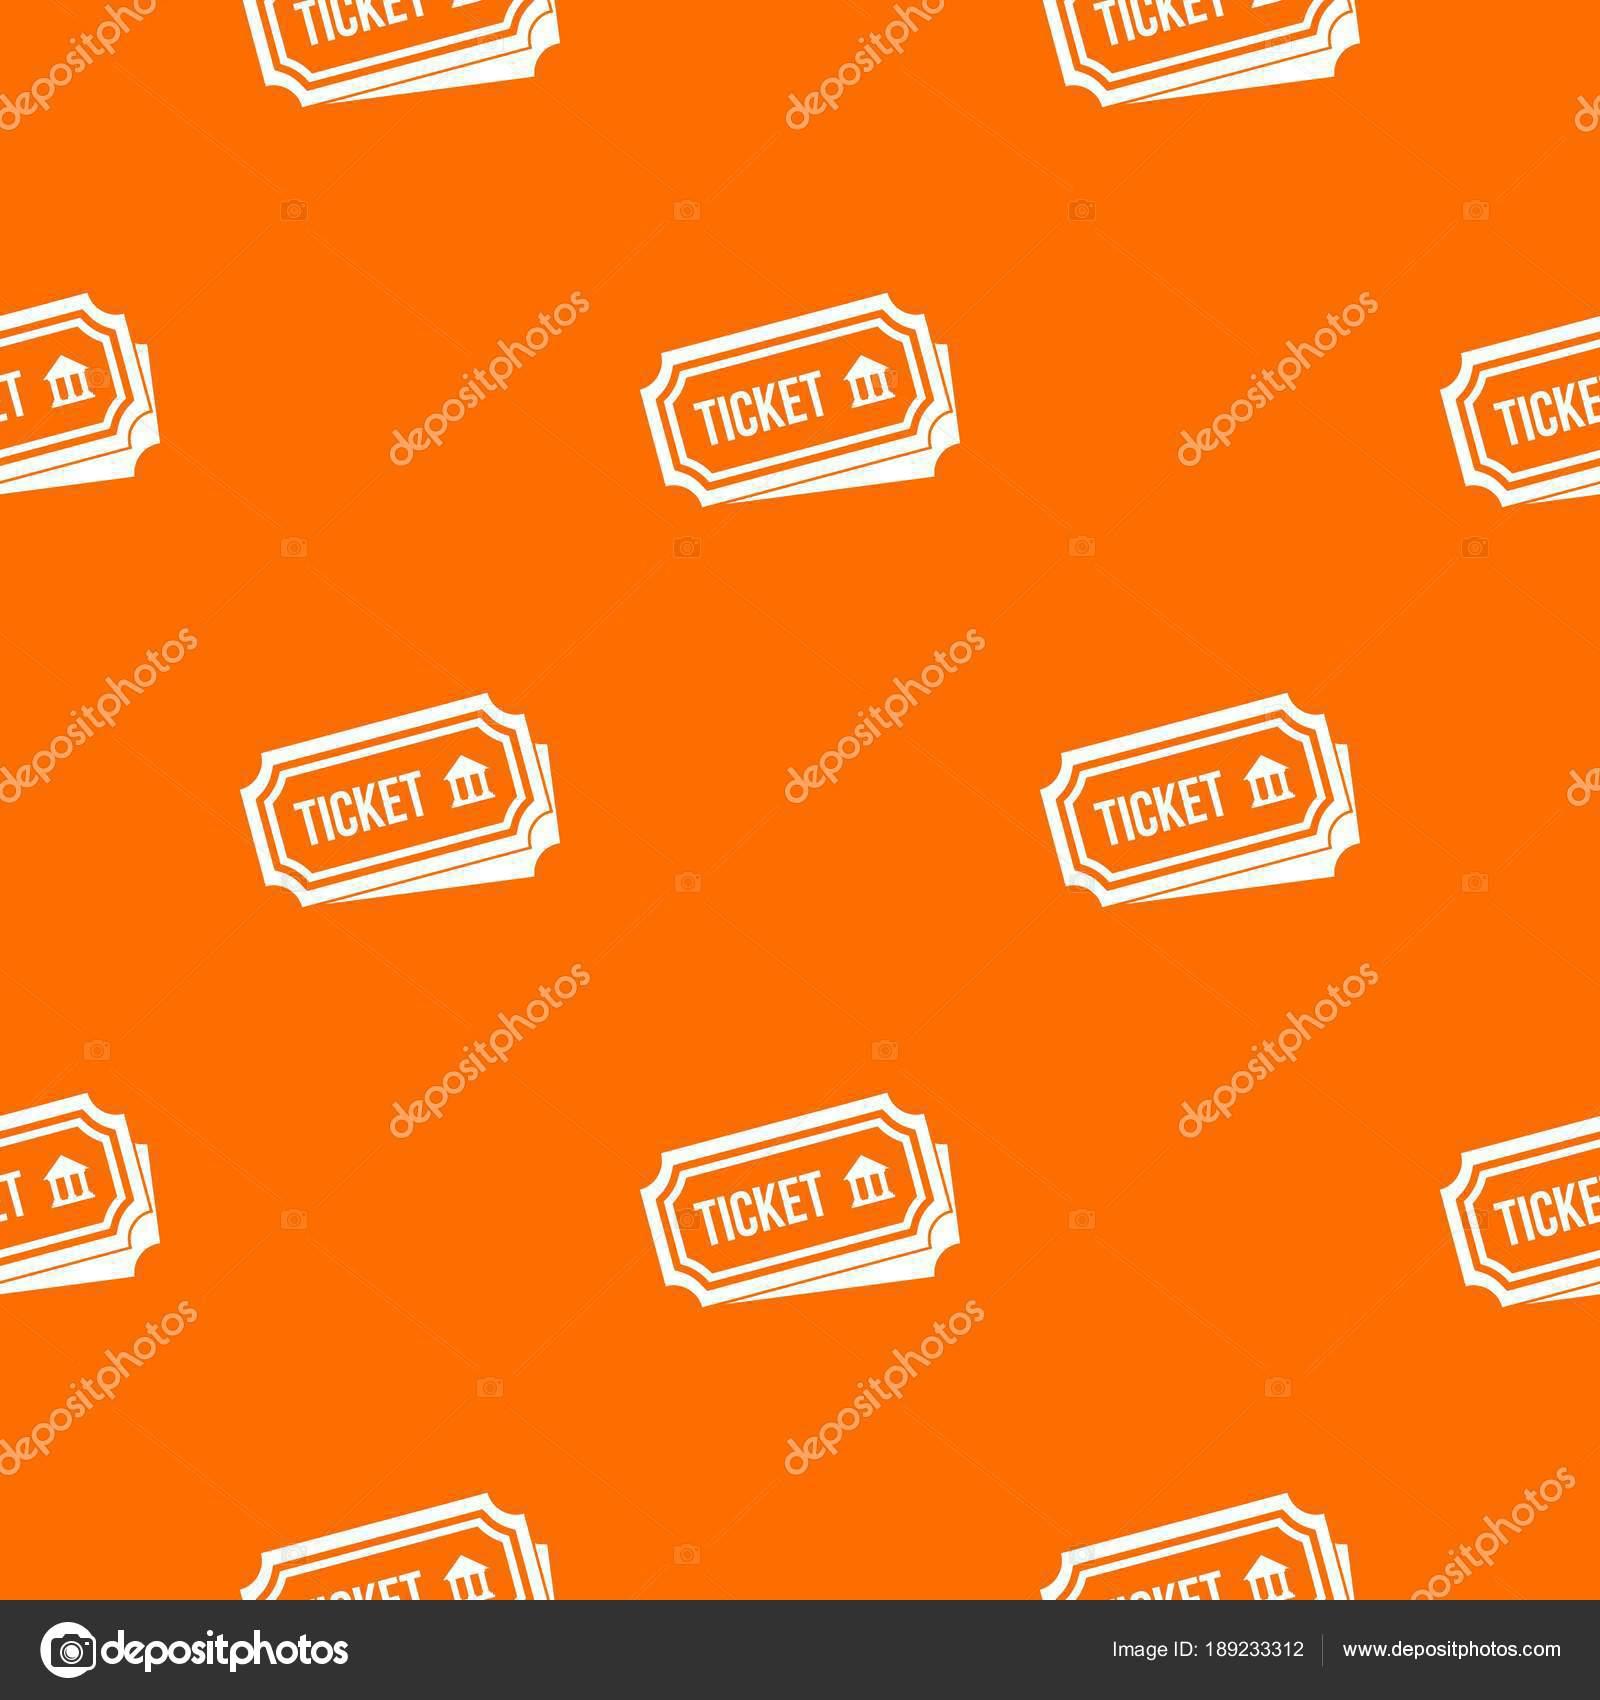 Ticket-Muster nahtlos — Stockvektor © ylivdesign #189233312